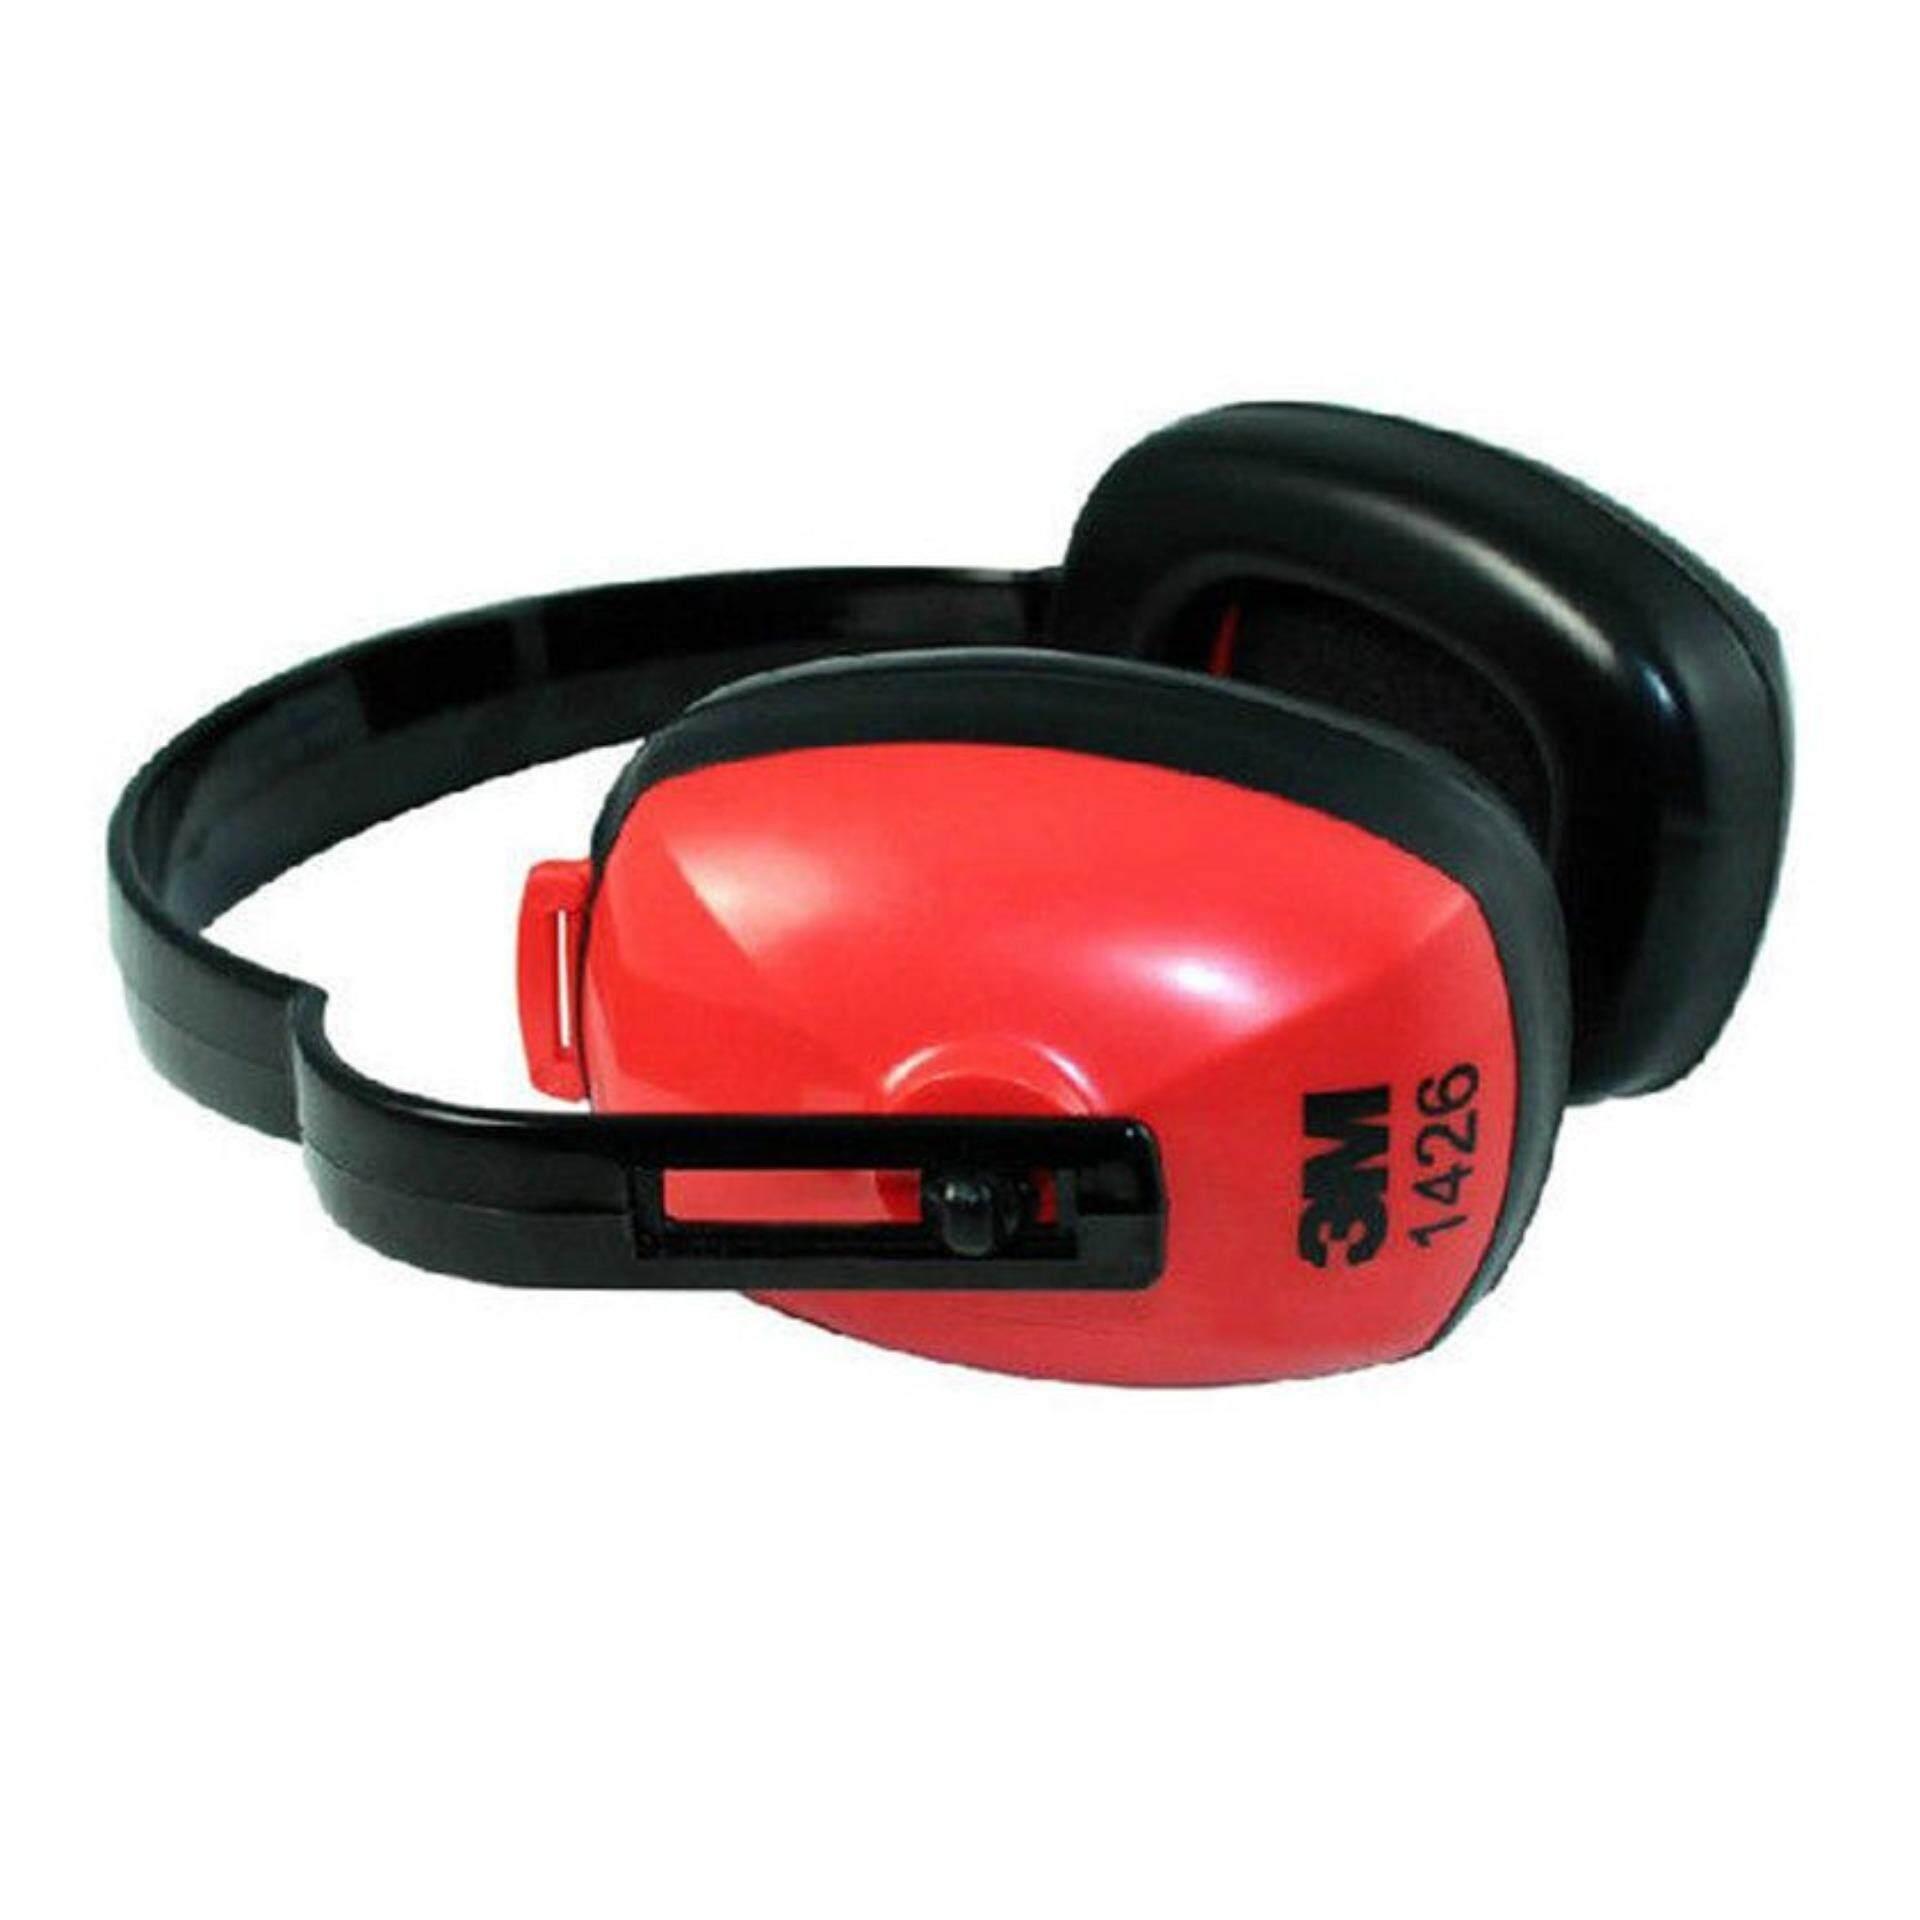 3M Multi Position ครอบหูกันเสียง รุ่น 1426 Economy Earmuff